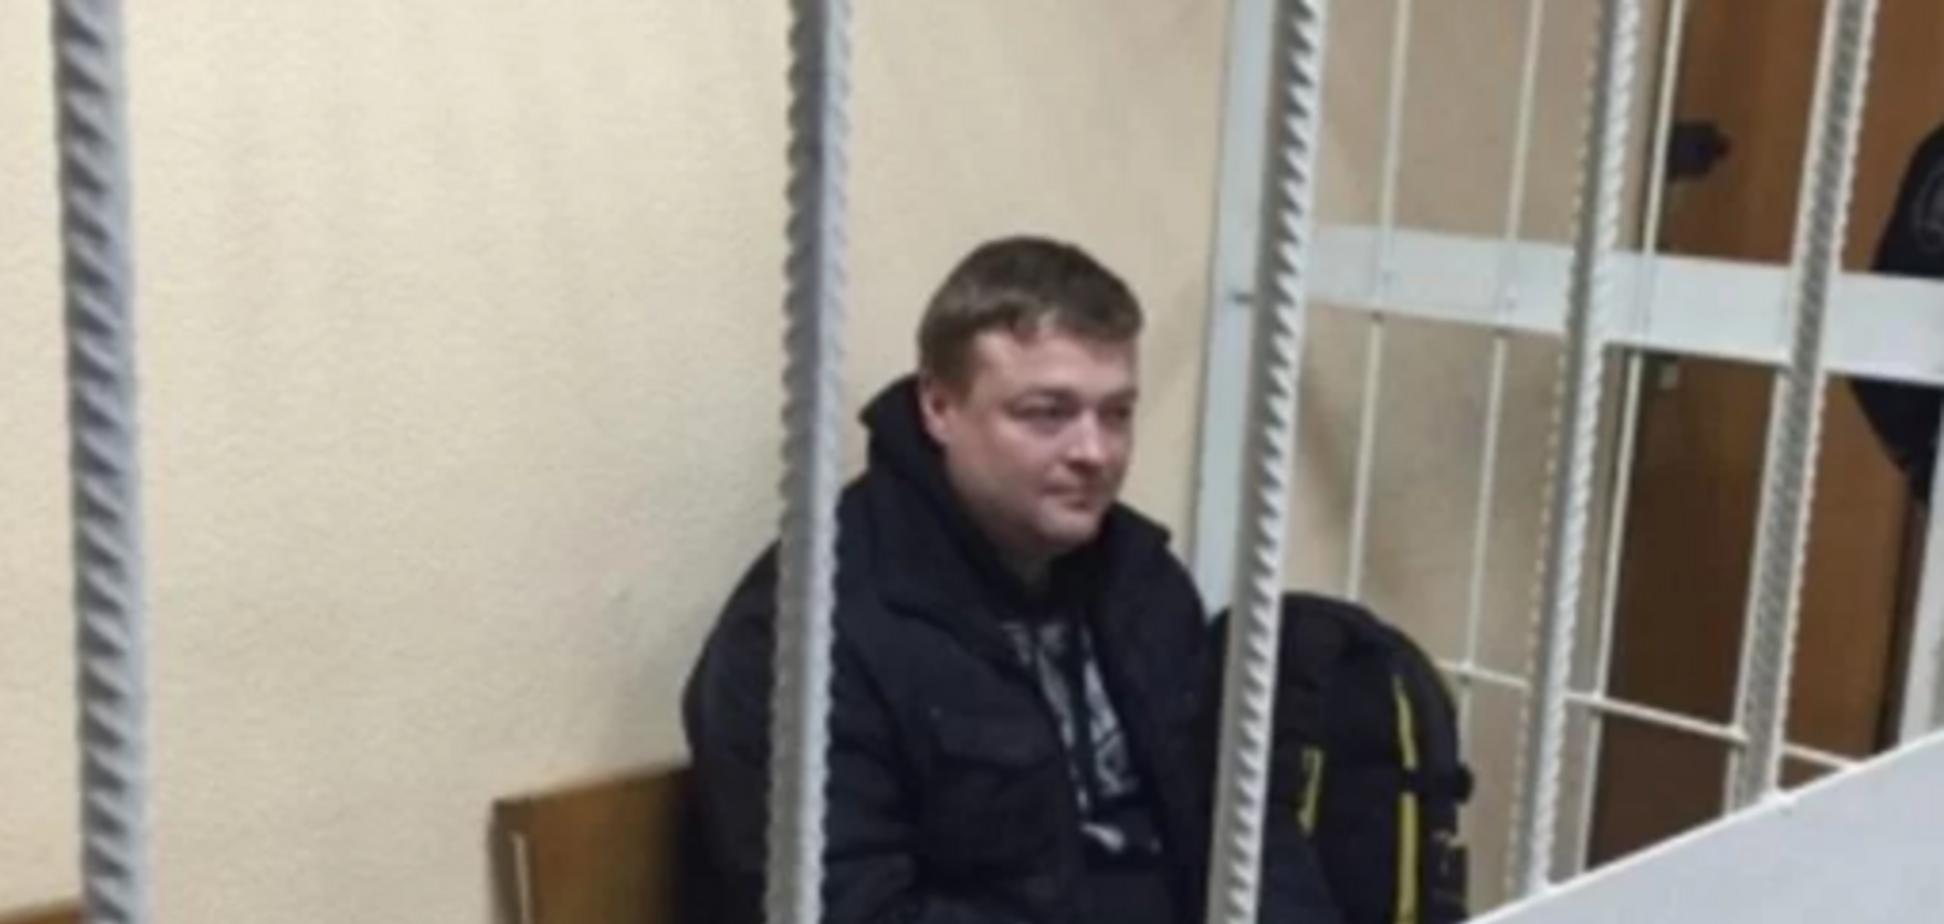 Суд выпустил из СИЗО экс-командира 'Беркута' Шаповалова